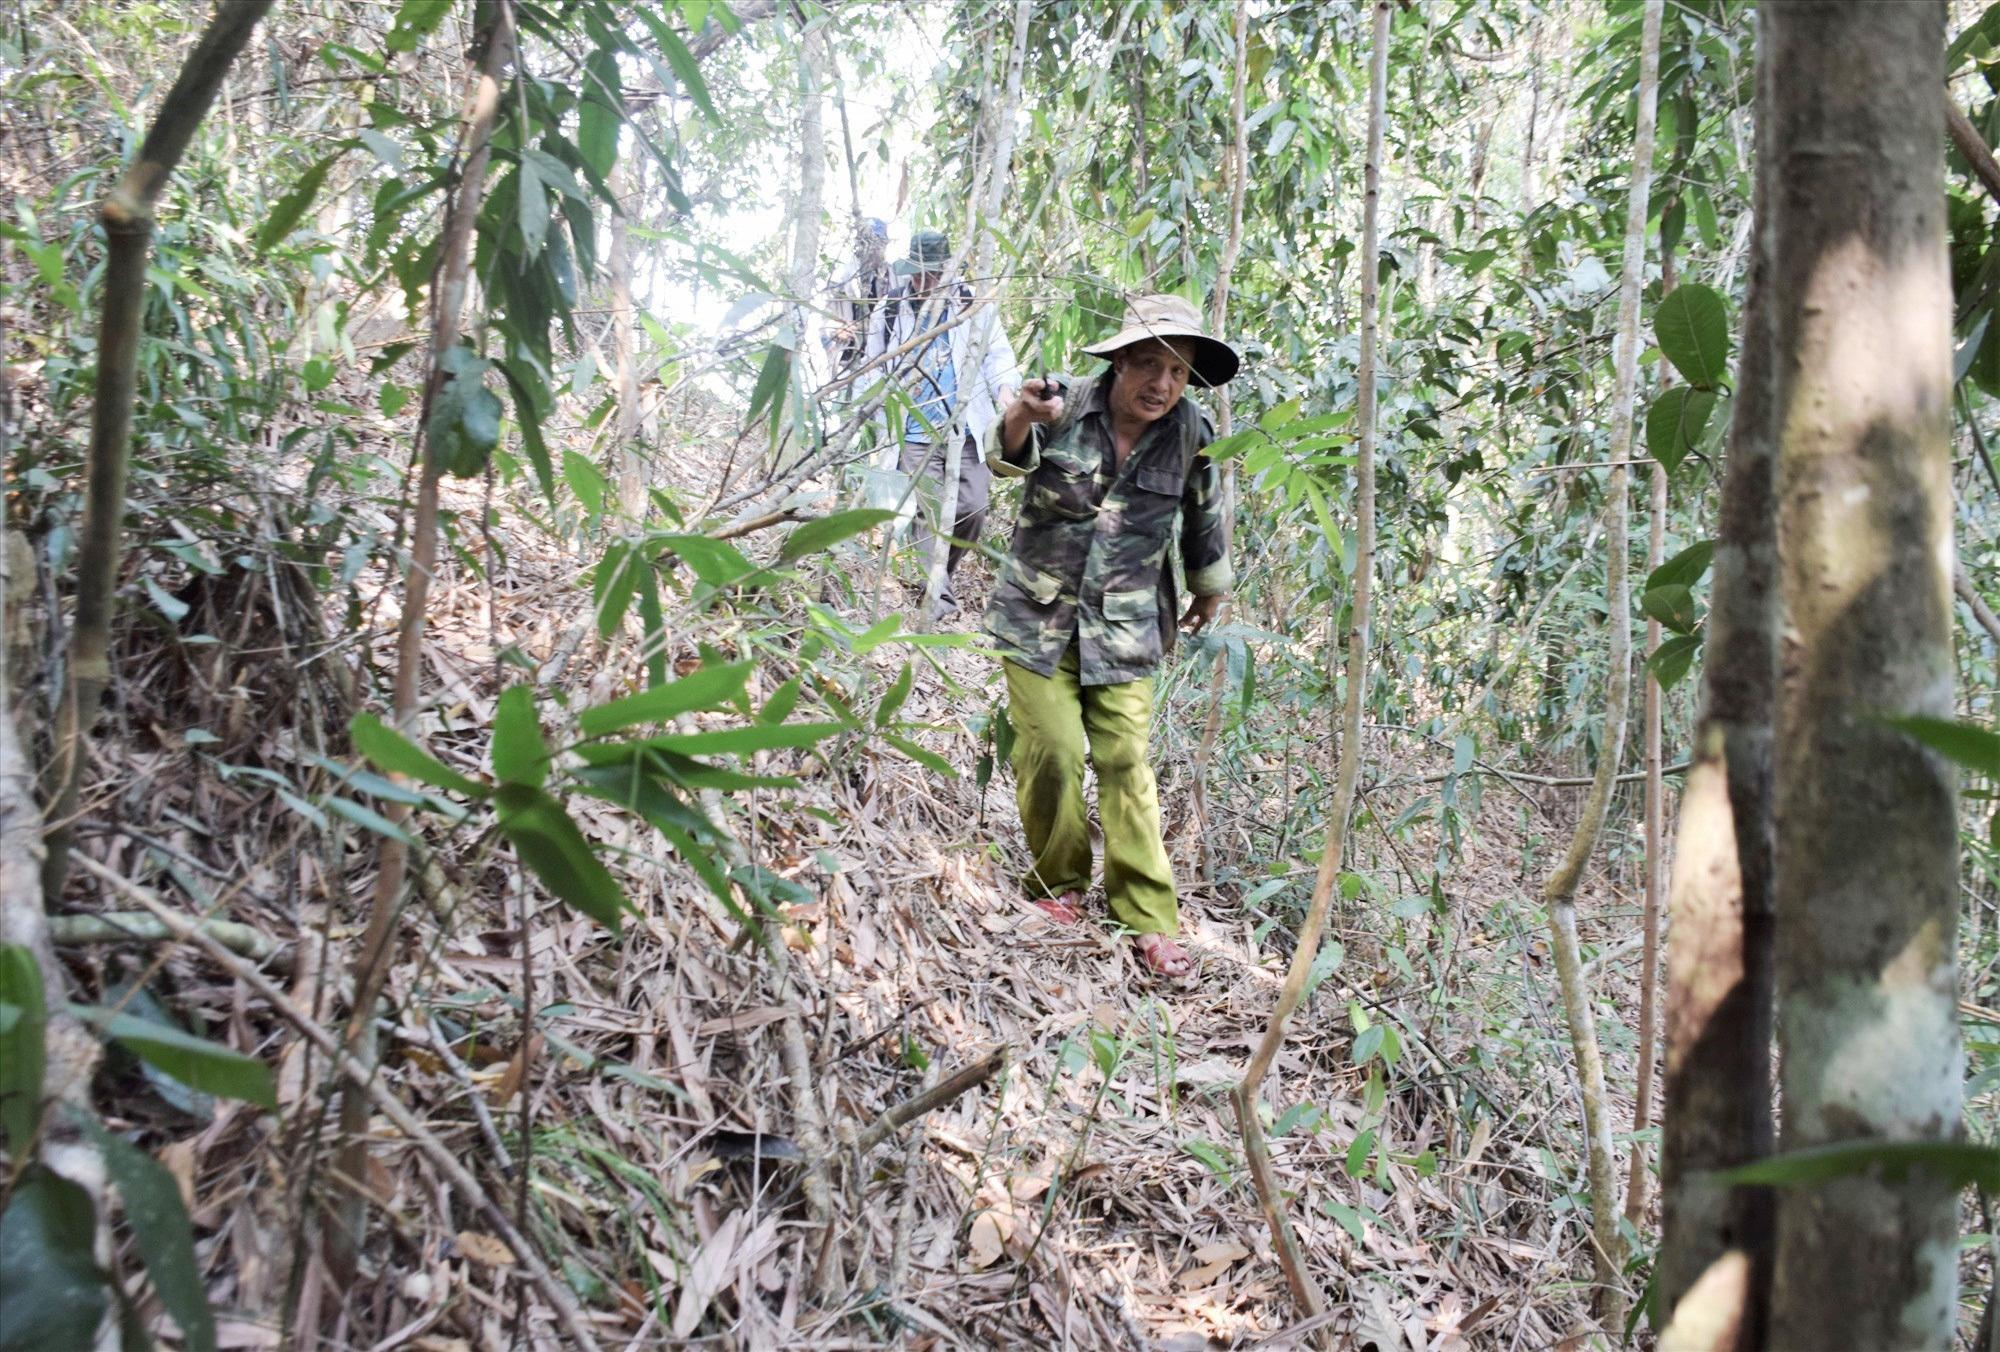 Cao thủ xứ Quảng săn loại nấm quý giữa rừng Nam Giang